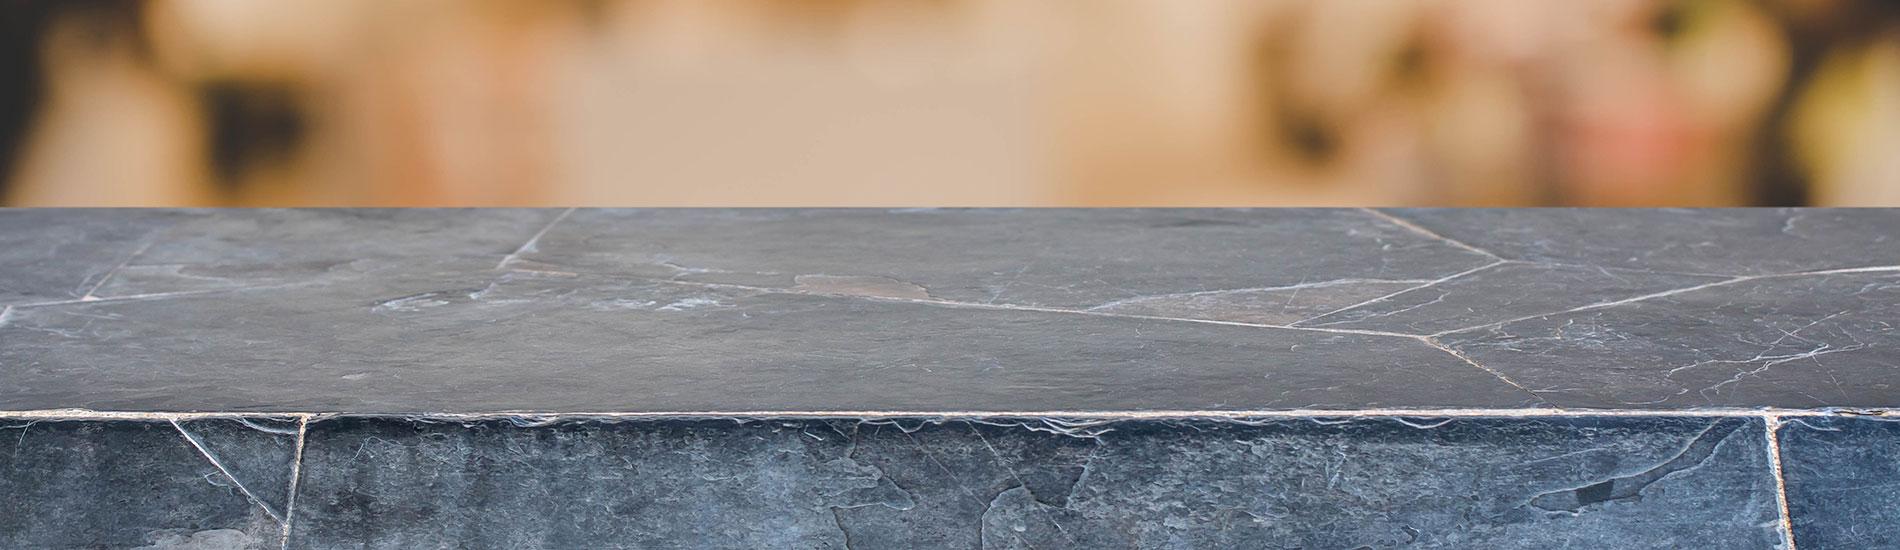 stone_counter_slide_bg